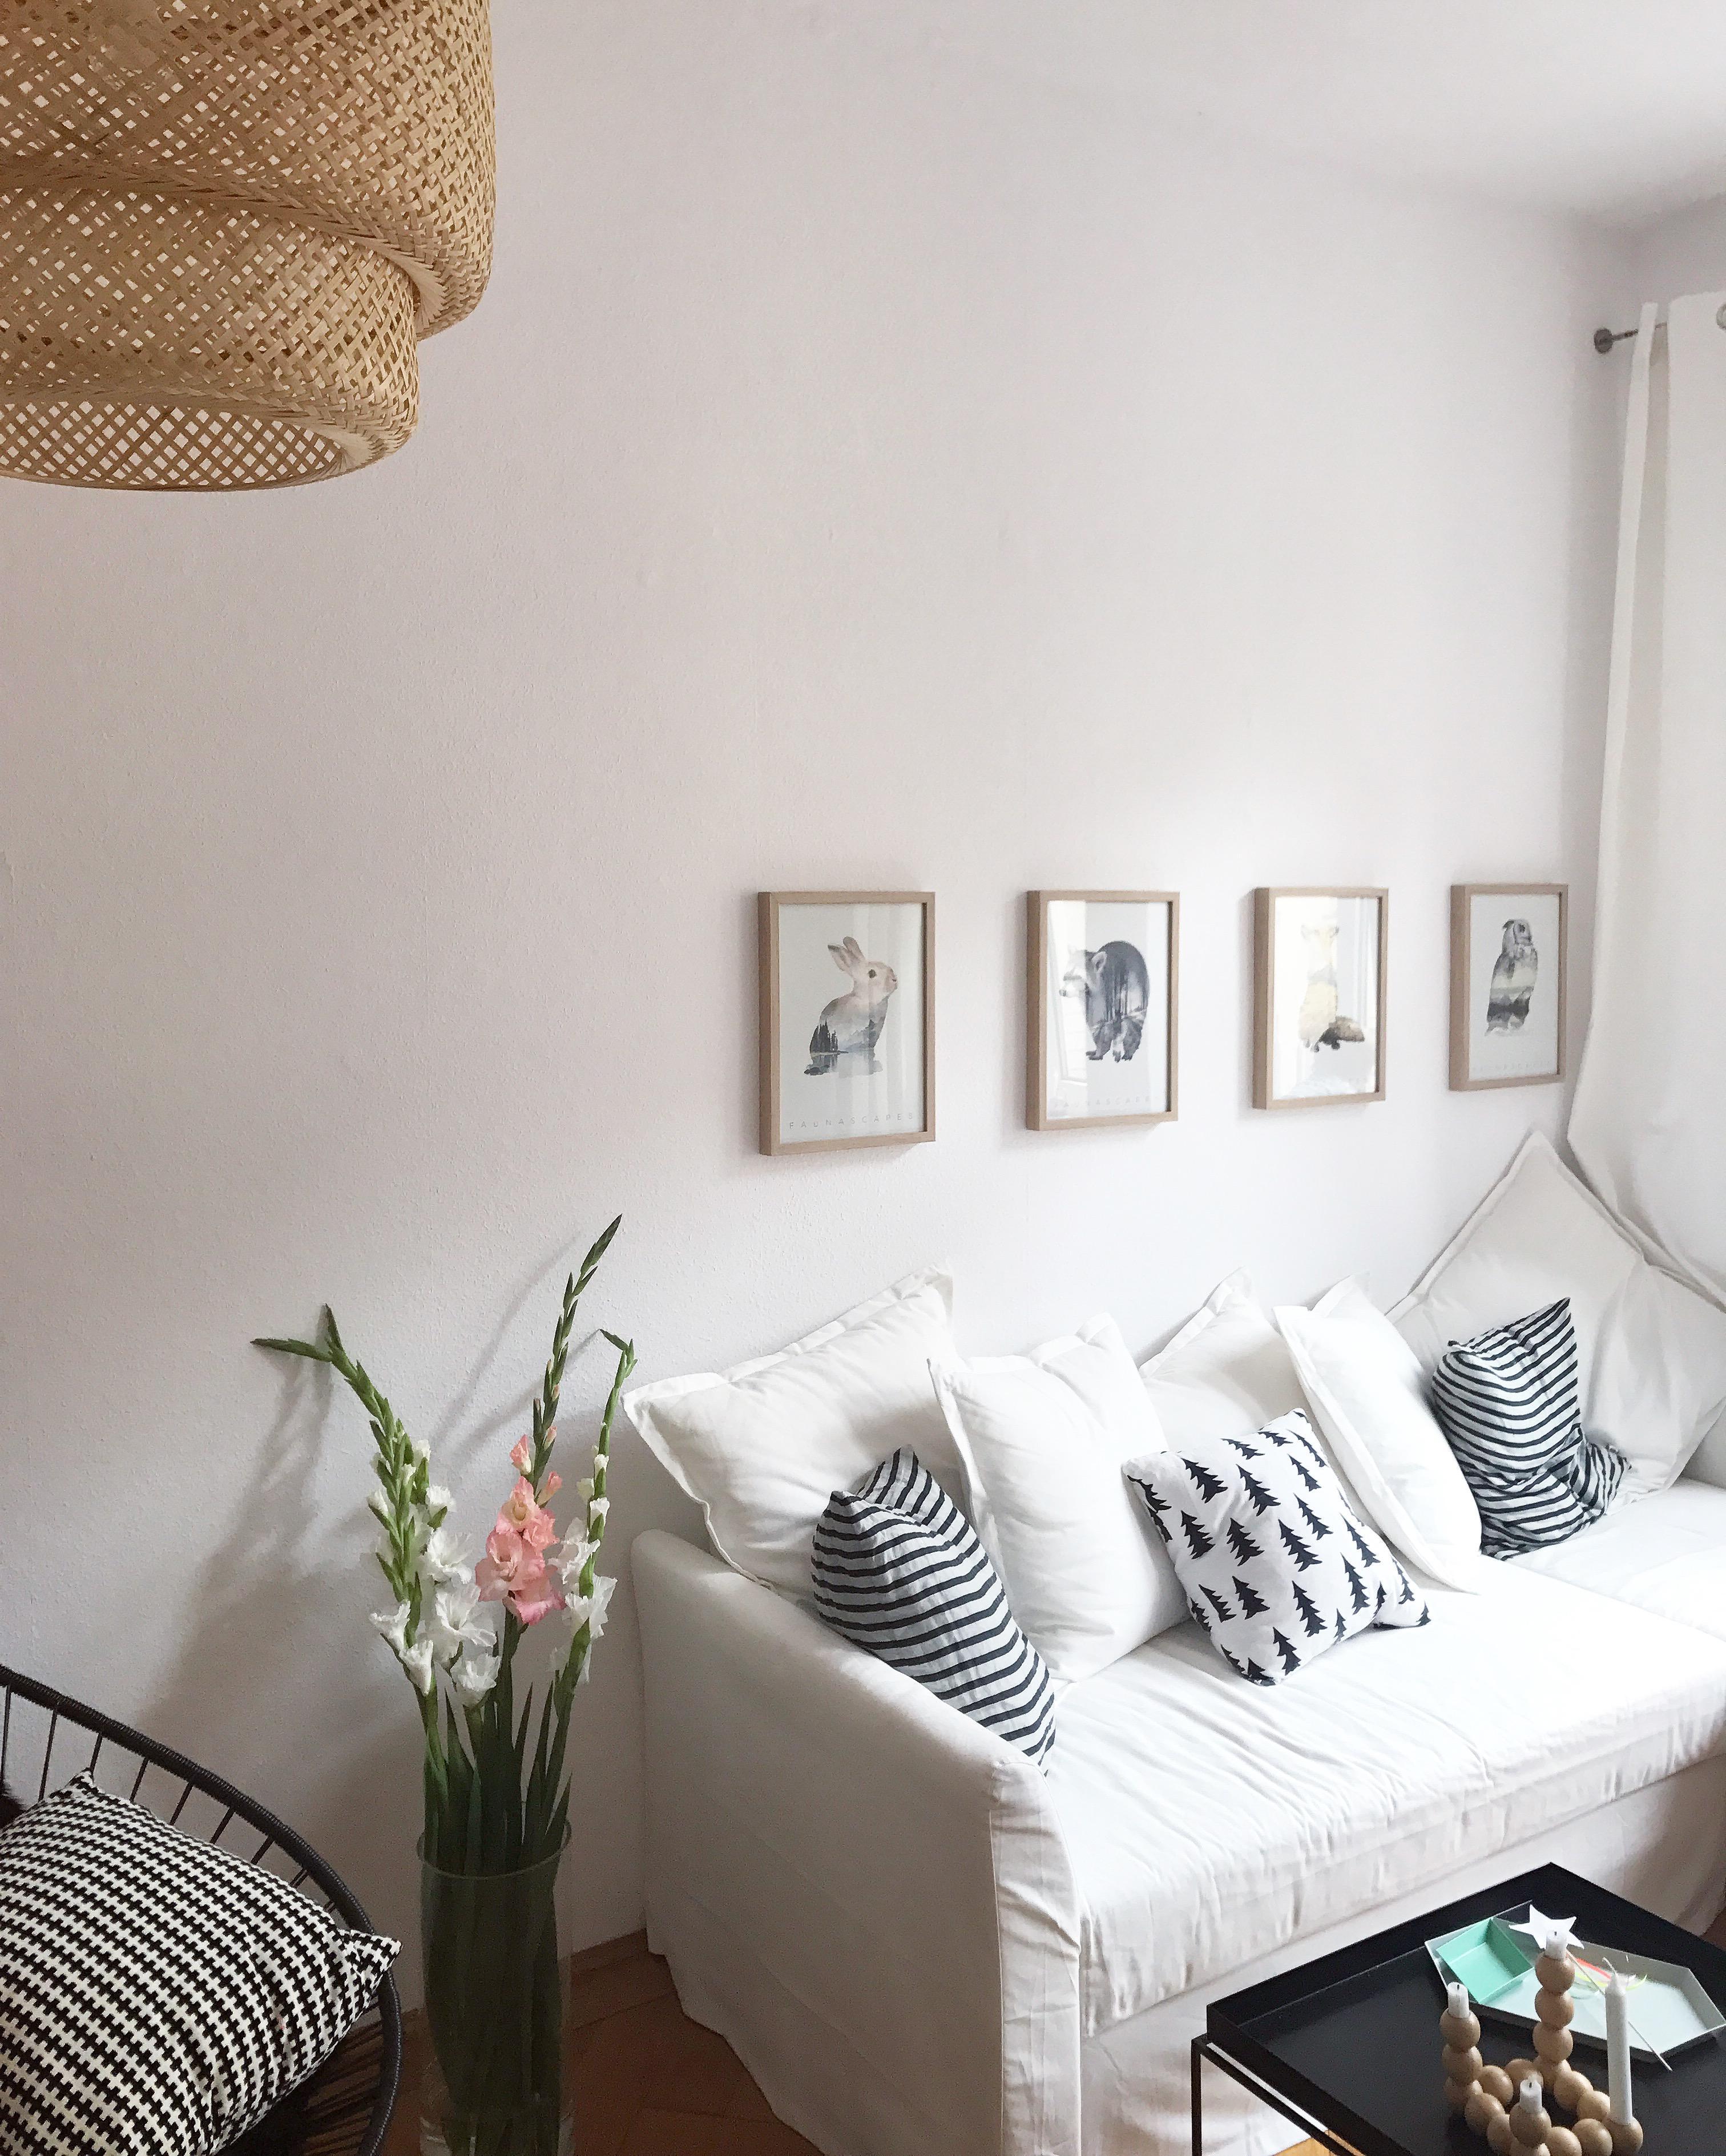 FlowerPower Wohnzimmer Livingroom Blumen Blumendeko Wanddeko Bilder Sofa